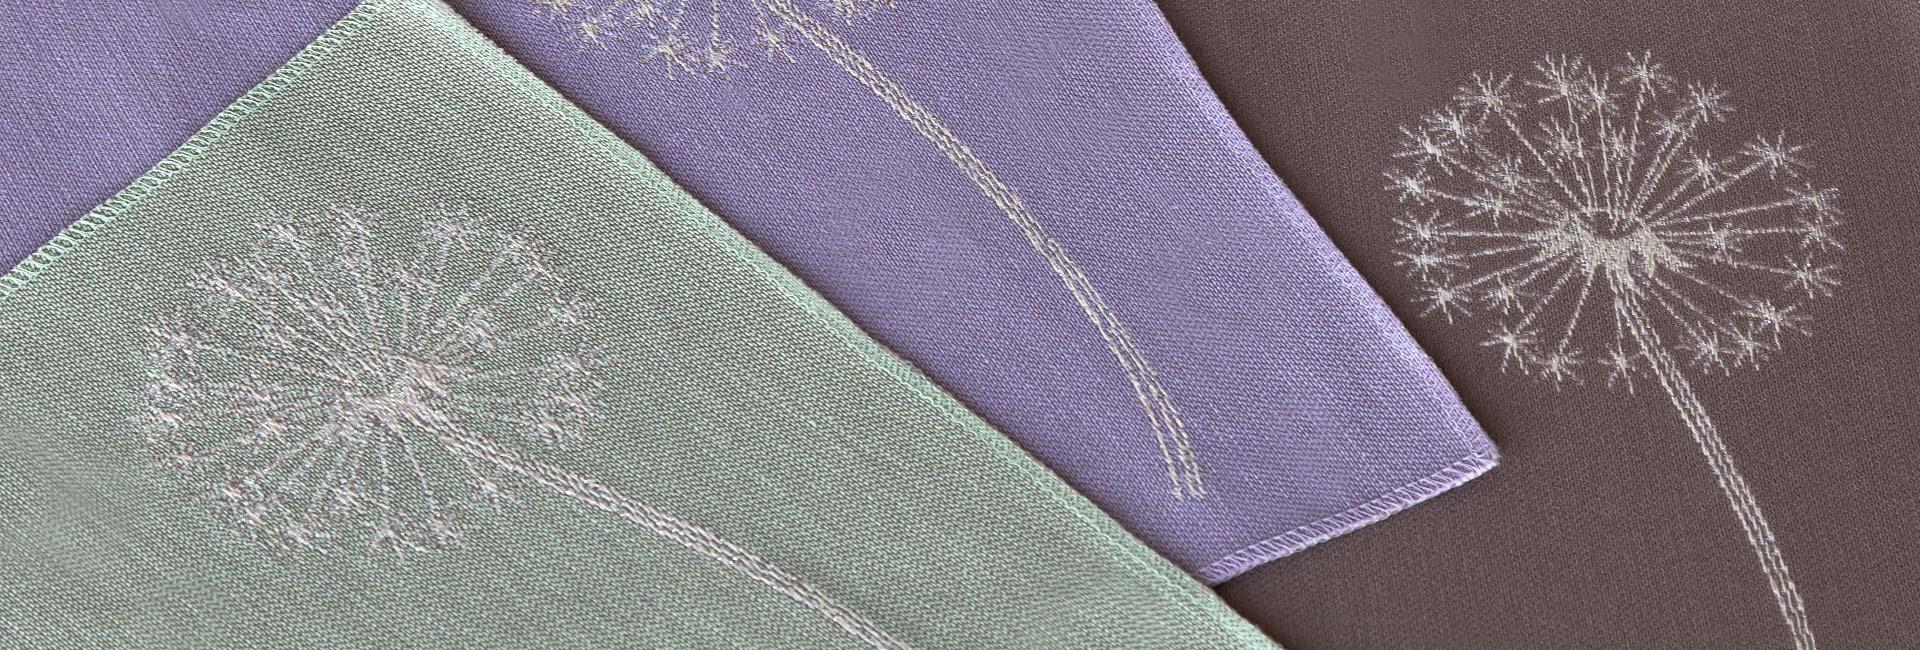 Салфетки с серебряной вышивкой «Одуванчики»